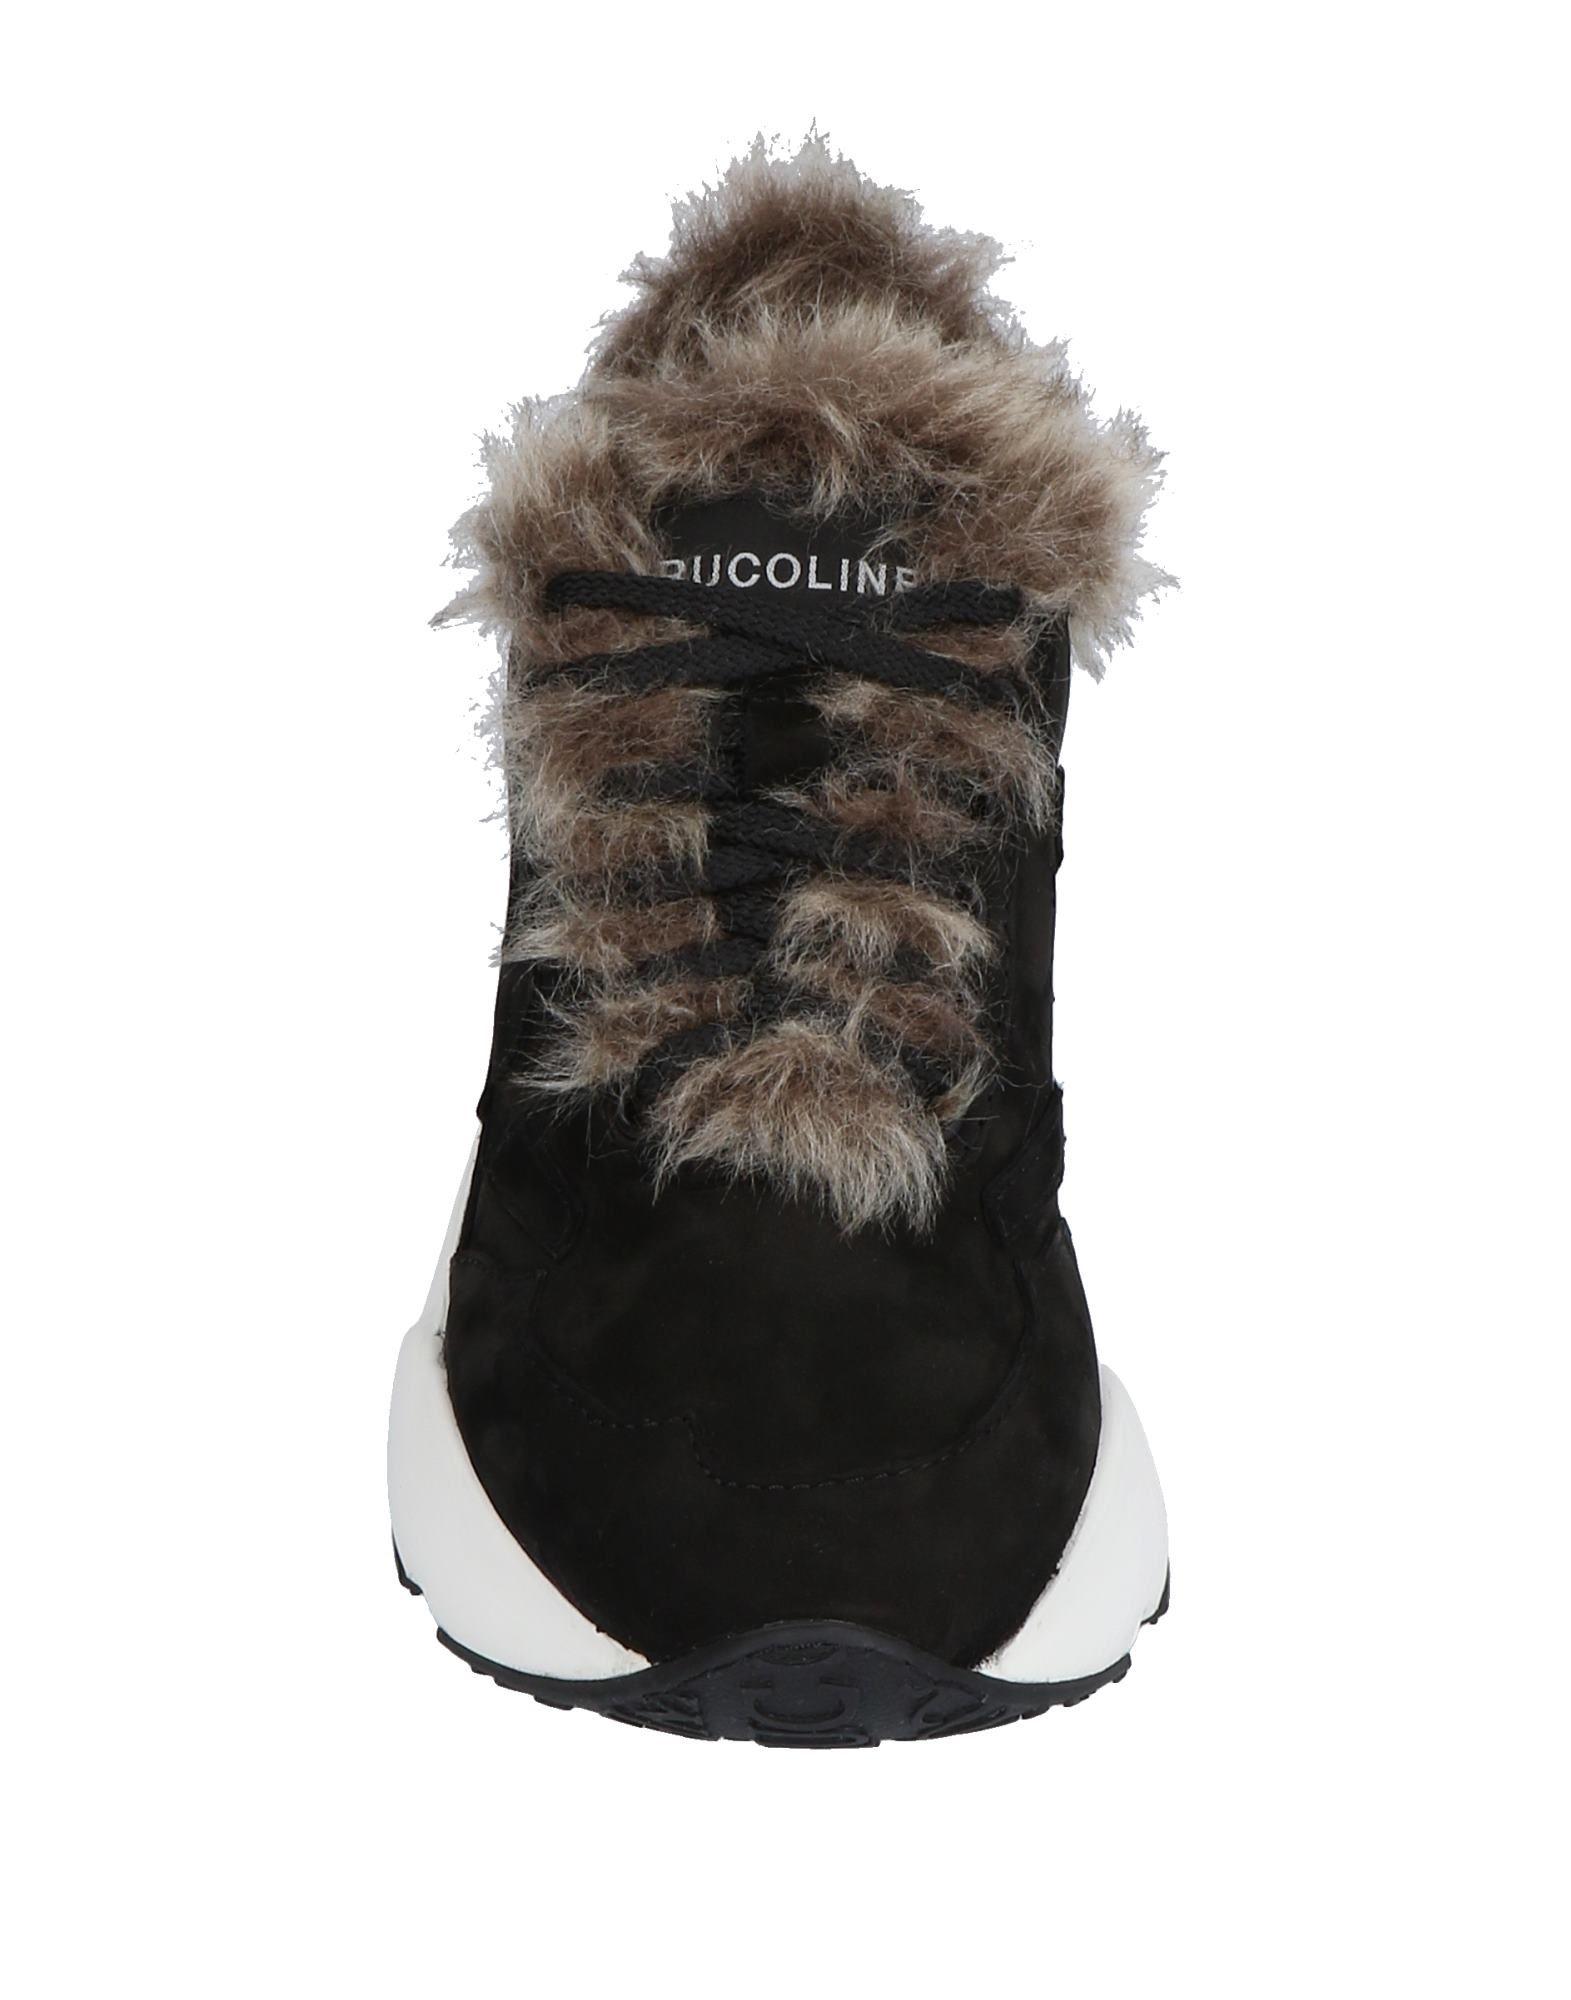 Ruco Line Damen Sneakers Damen Line Gutes Preis-Leistungs-Verhältnis, es lohnt sich 250d6d